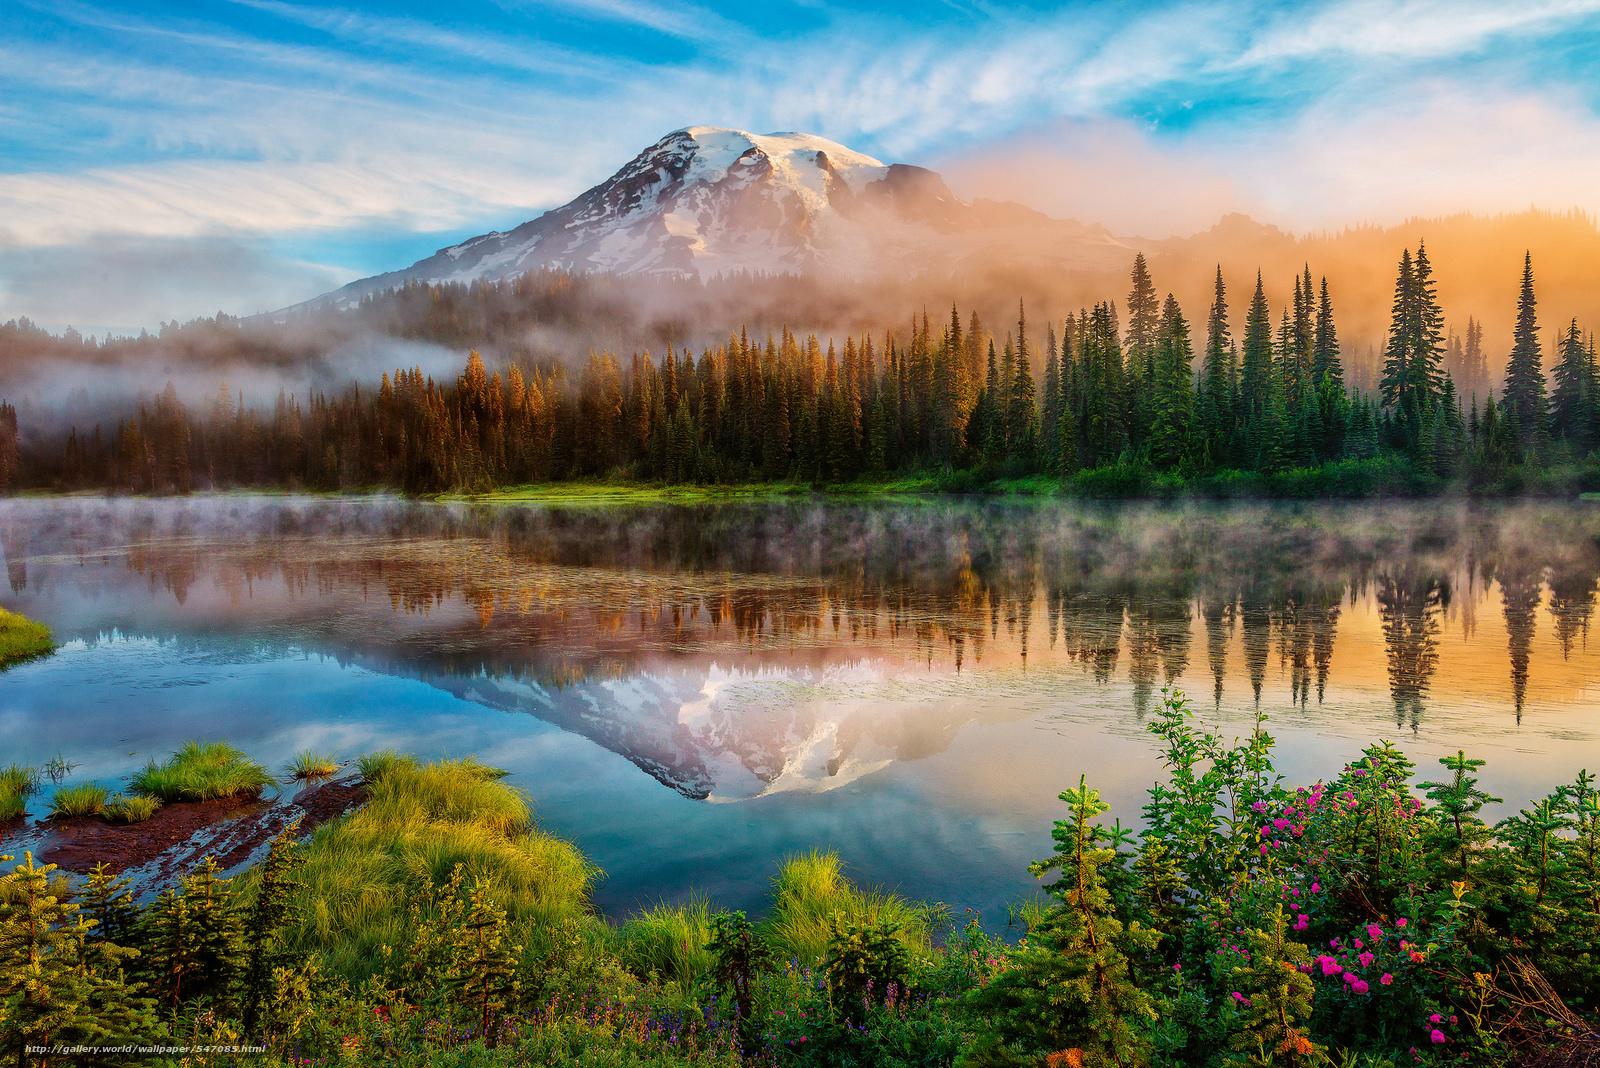 каскадные горы, сша, штат вашингтон Скачать,  картинка, изображение, фото, обои